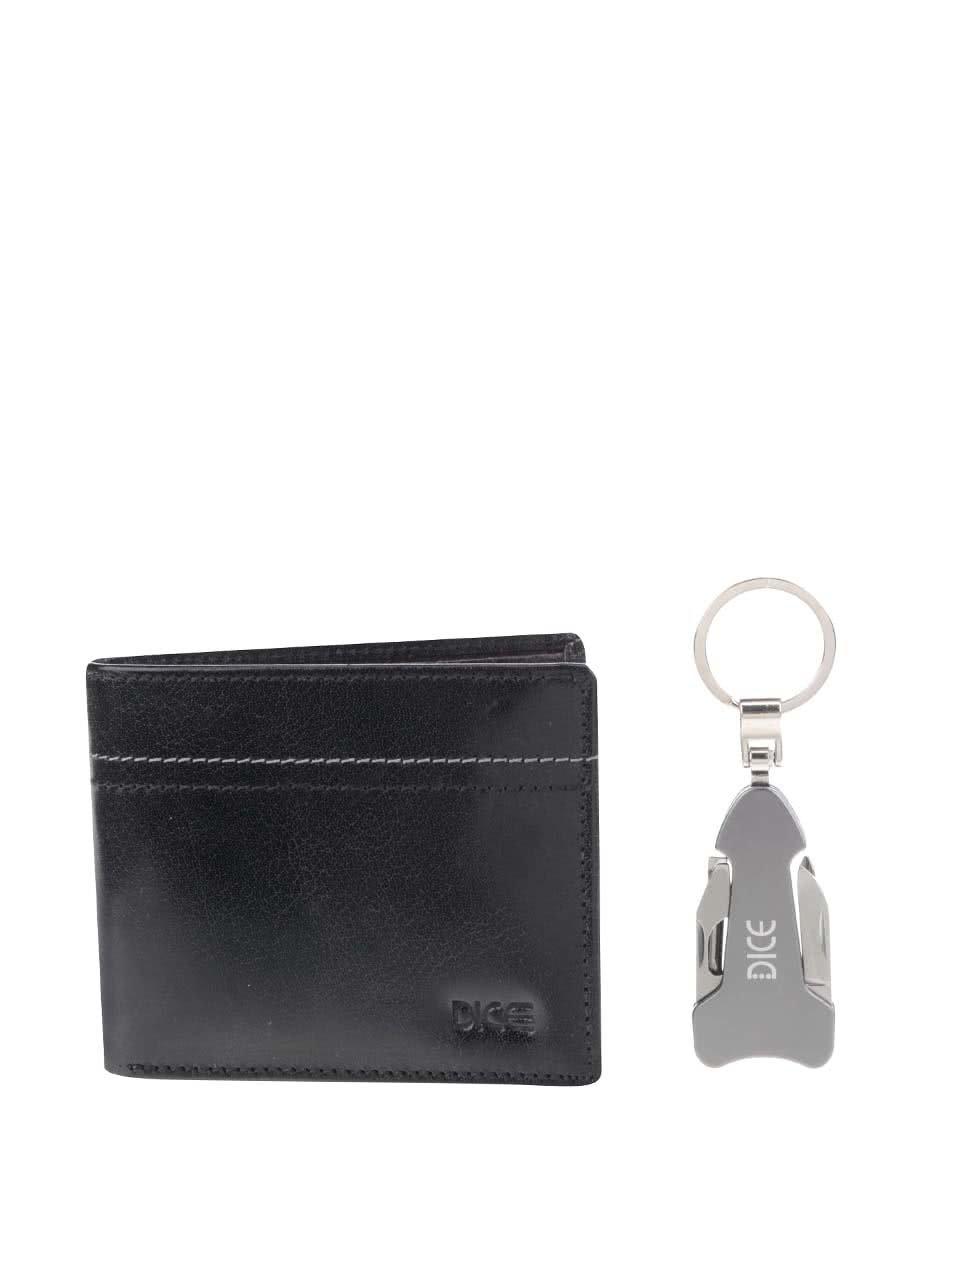 Dárkový set černé kožené peněženky a klíčenky s multifunkčním nožem Dice